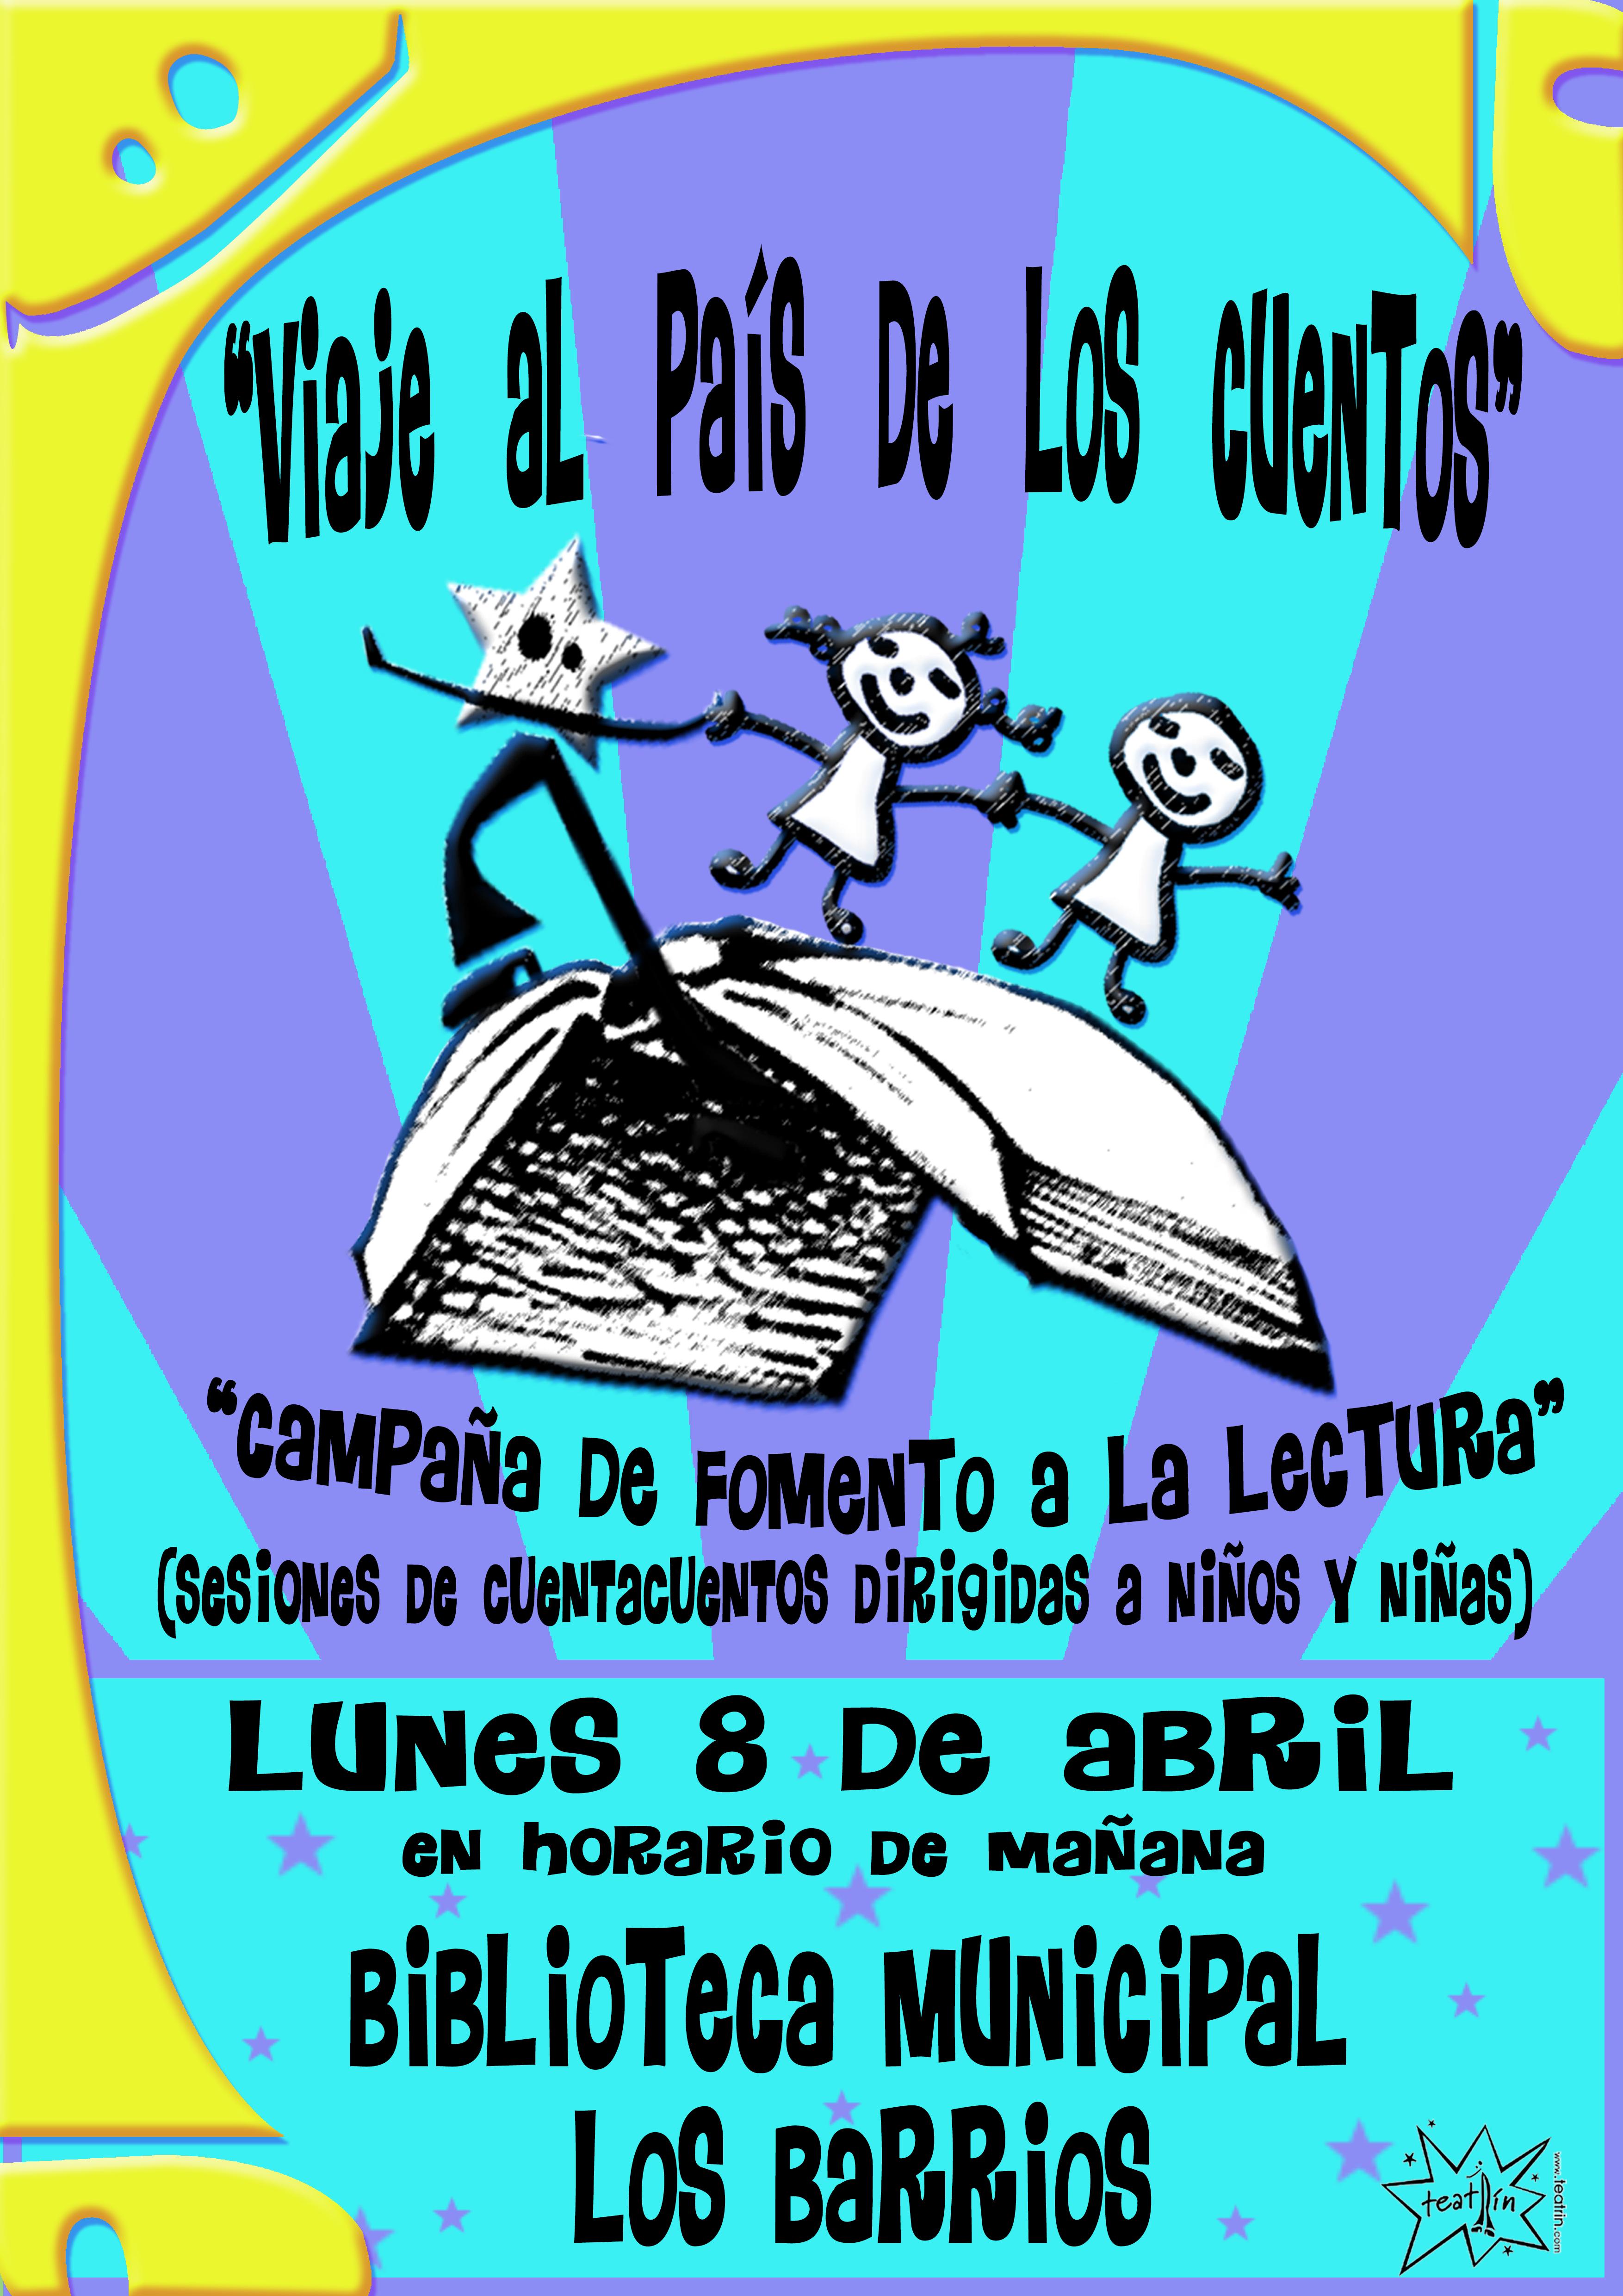 VAPDLC_LOS-BARRIOS_ABR2019